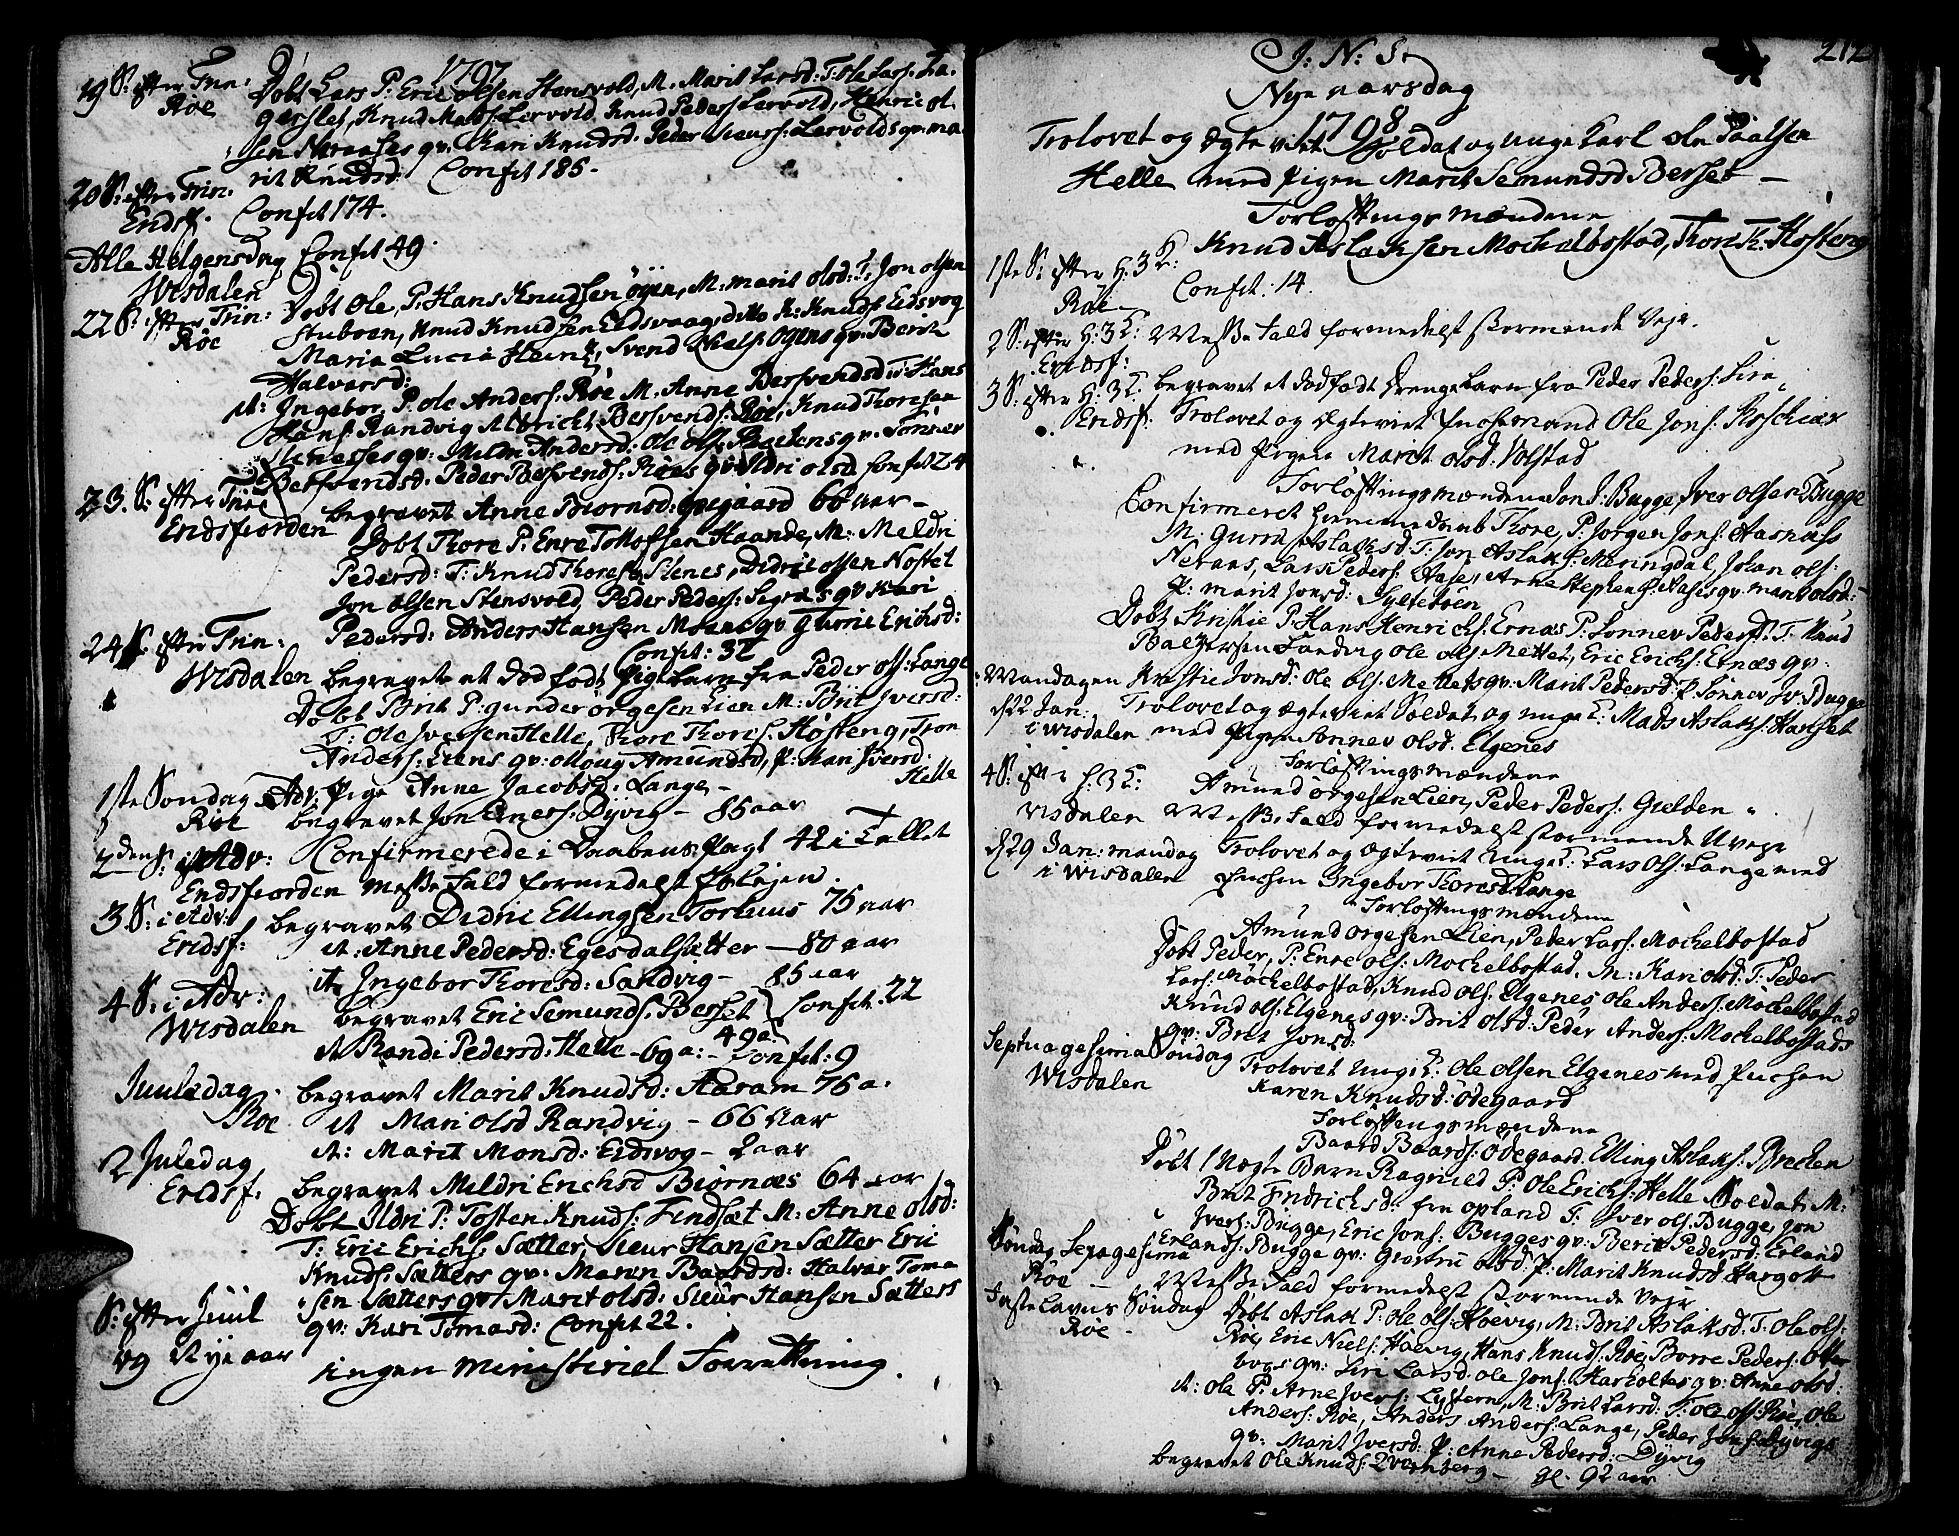 SAT, Ministerialprotokoller, klokkerbøker og fødselsregistre - Møre og Romsdal, 551/L0621: Ministerialbok nr. 551A01, 1757-1803, s. 212